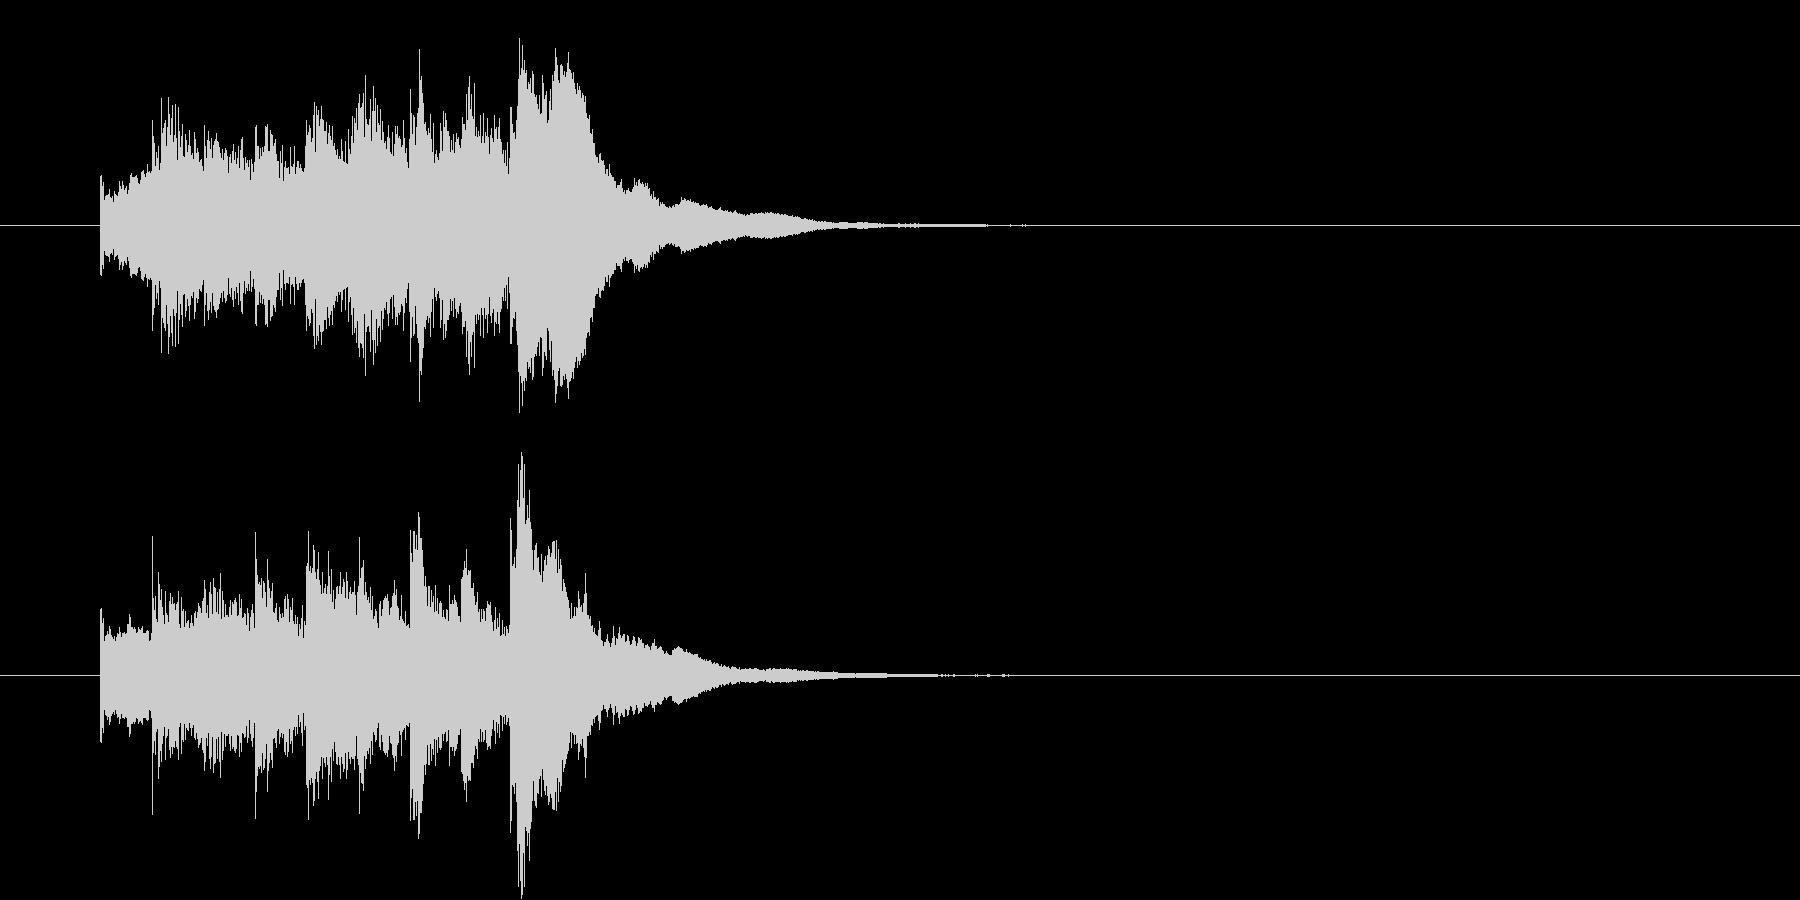 琴の駆け上がり音(ステレオ)の未再生の波形